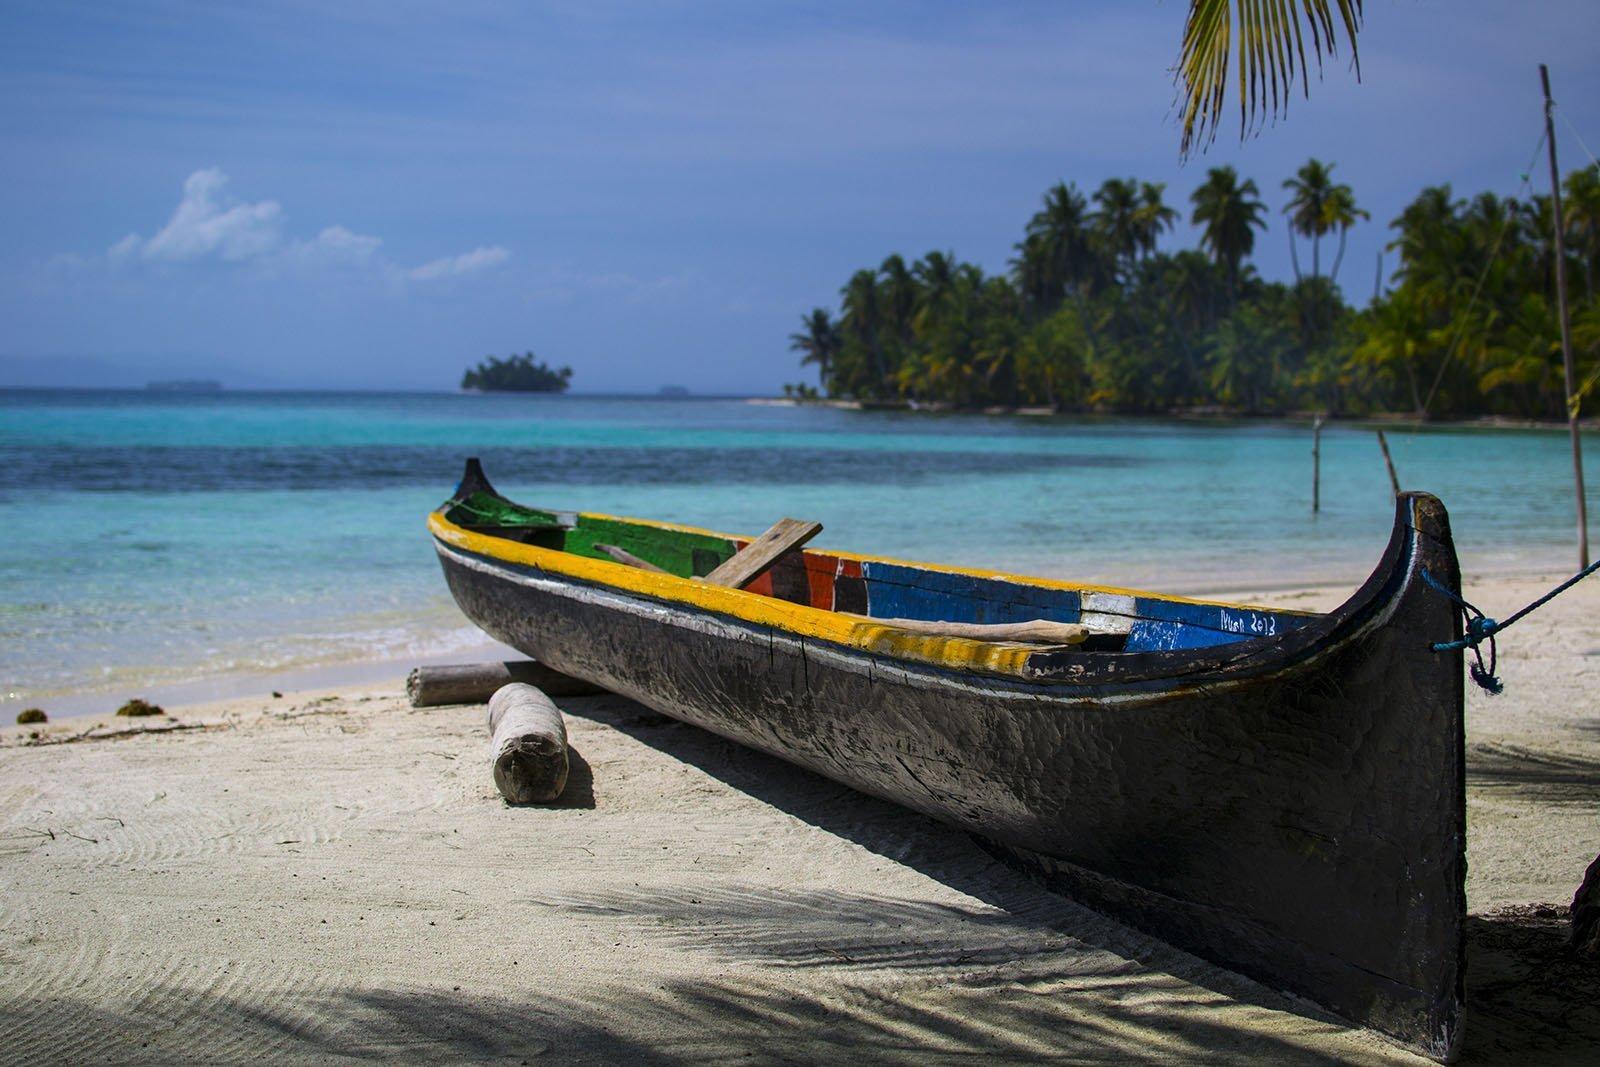 Barca ai caraibi - San Blas - Kuna canoa